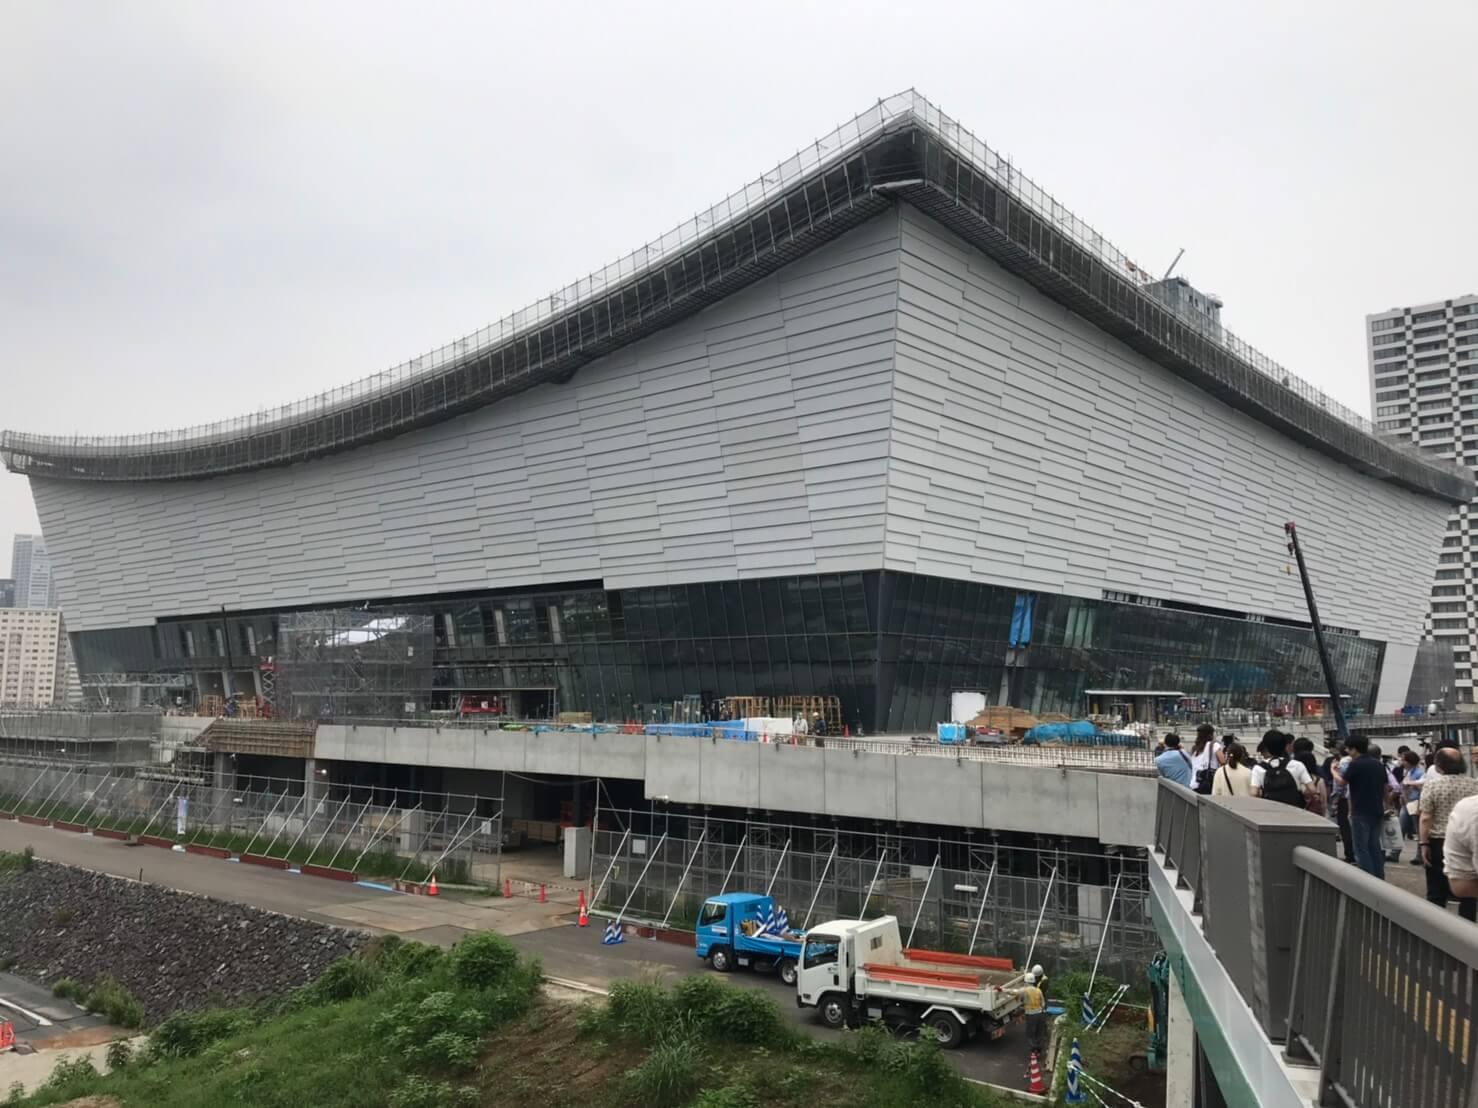 距離東京奧運開幕倒數一年,東京有明體育館正在施工,工地不間斷響起的敲擊聲響,宛如東奧步步逼近的腳步。(中央社記者楊明珠攝)